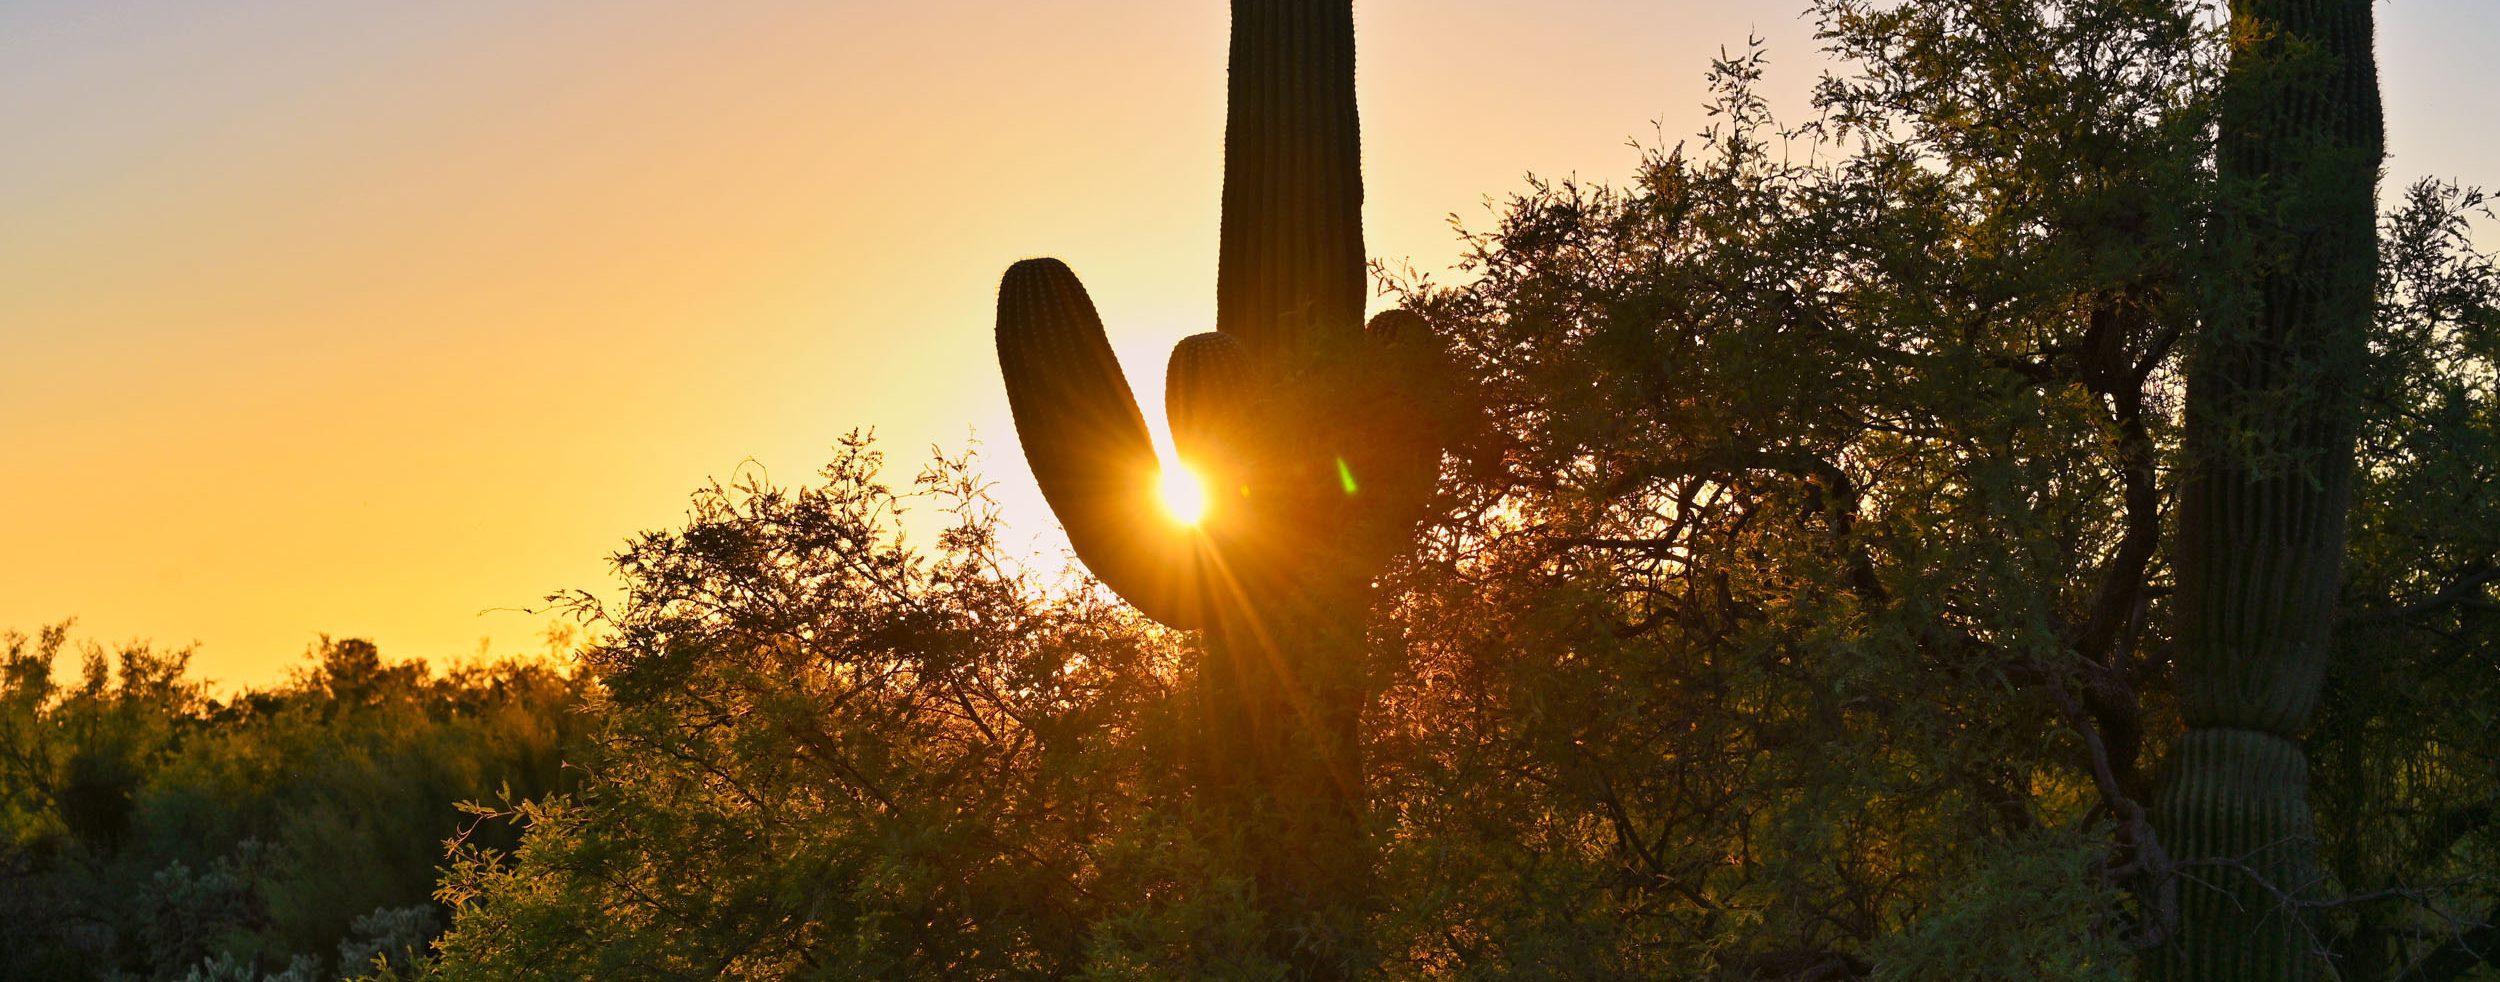 Kaktus mit Sonnenuntergang